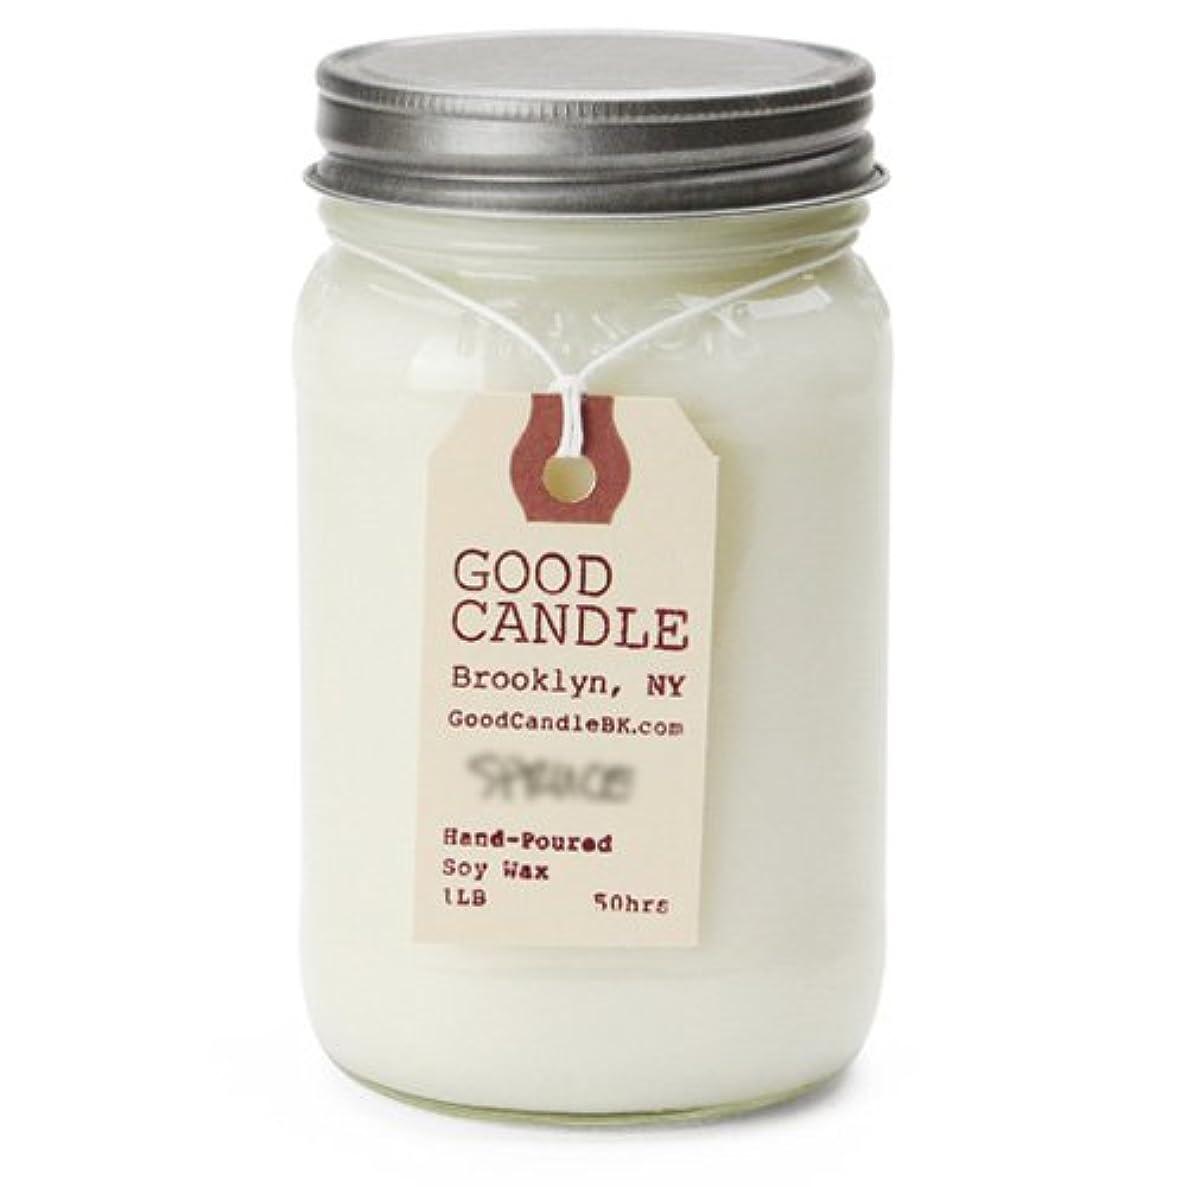 休憩準拠ボスグッドキャンドル 1ポンド メイソンジャー キャンドル Good Candle 1LB Mason jar candle [ Fig ] 正規品